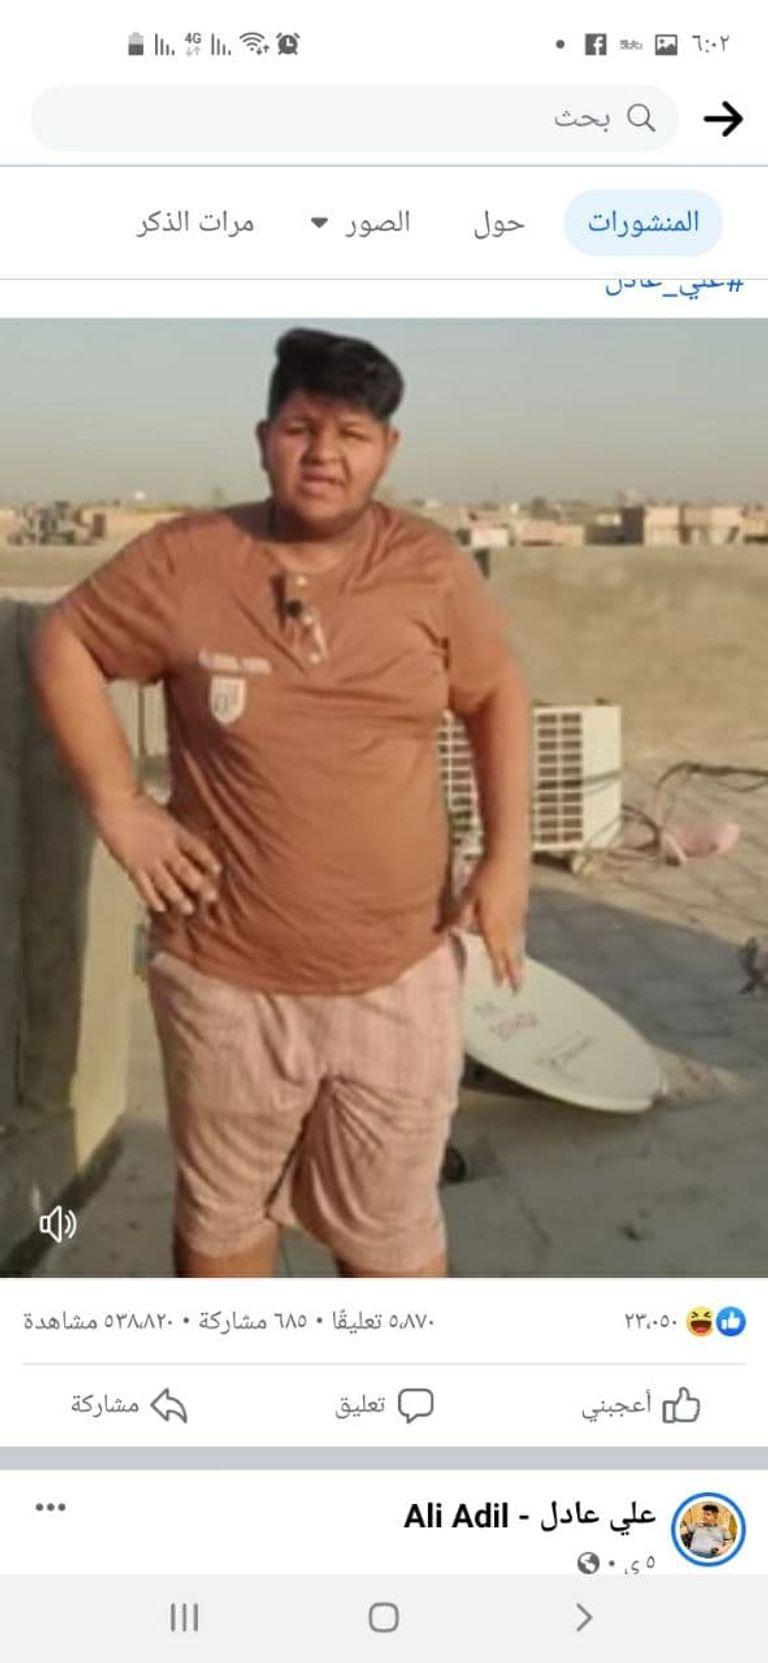 79-204925-america-answered-iraqi-boy-appeal-3.jpeg